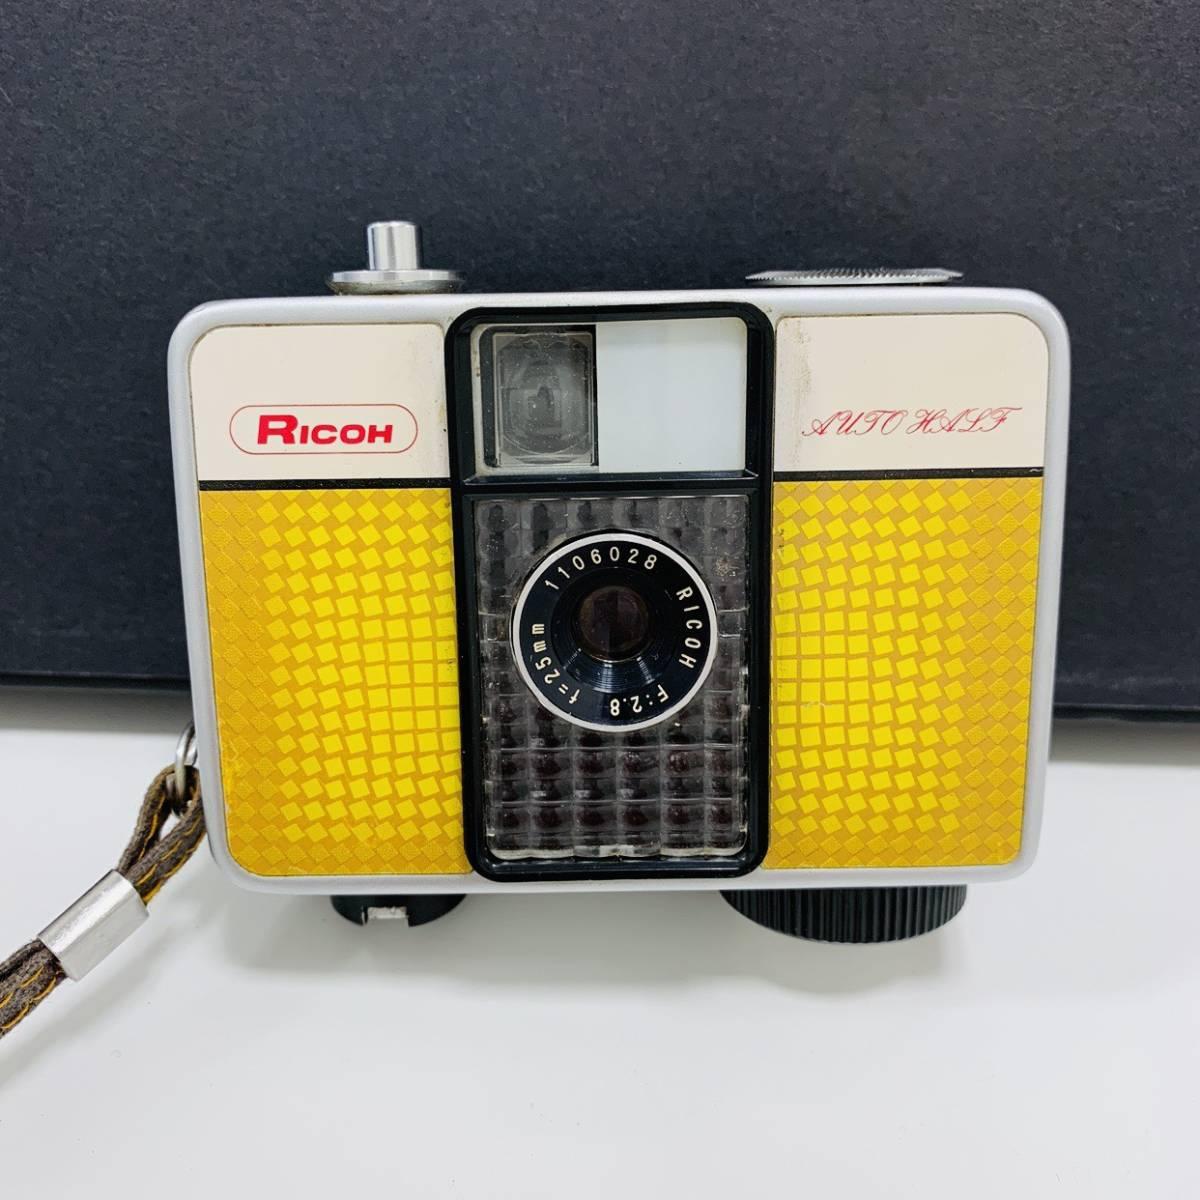 【2954】 RICOH リコー AUTO HALF E F:2.8 f=25mm カメラ 25mm オートハーフ シルバー×イエロー